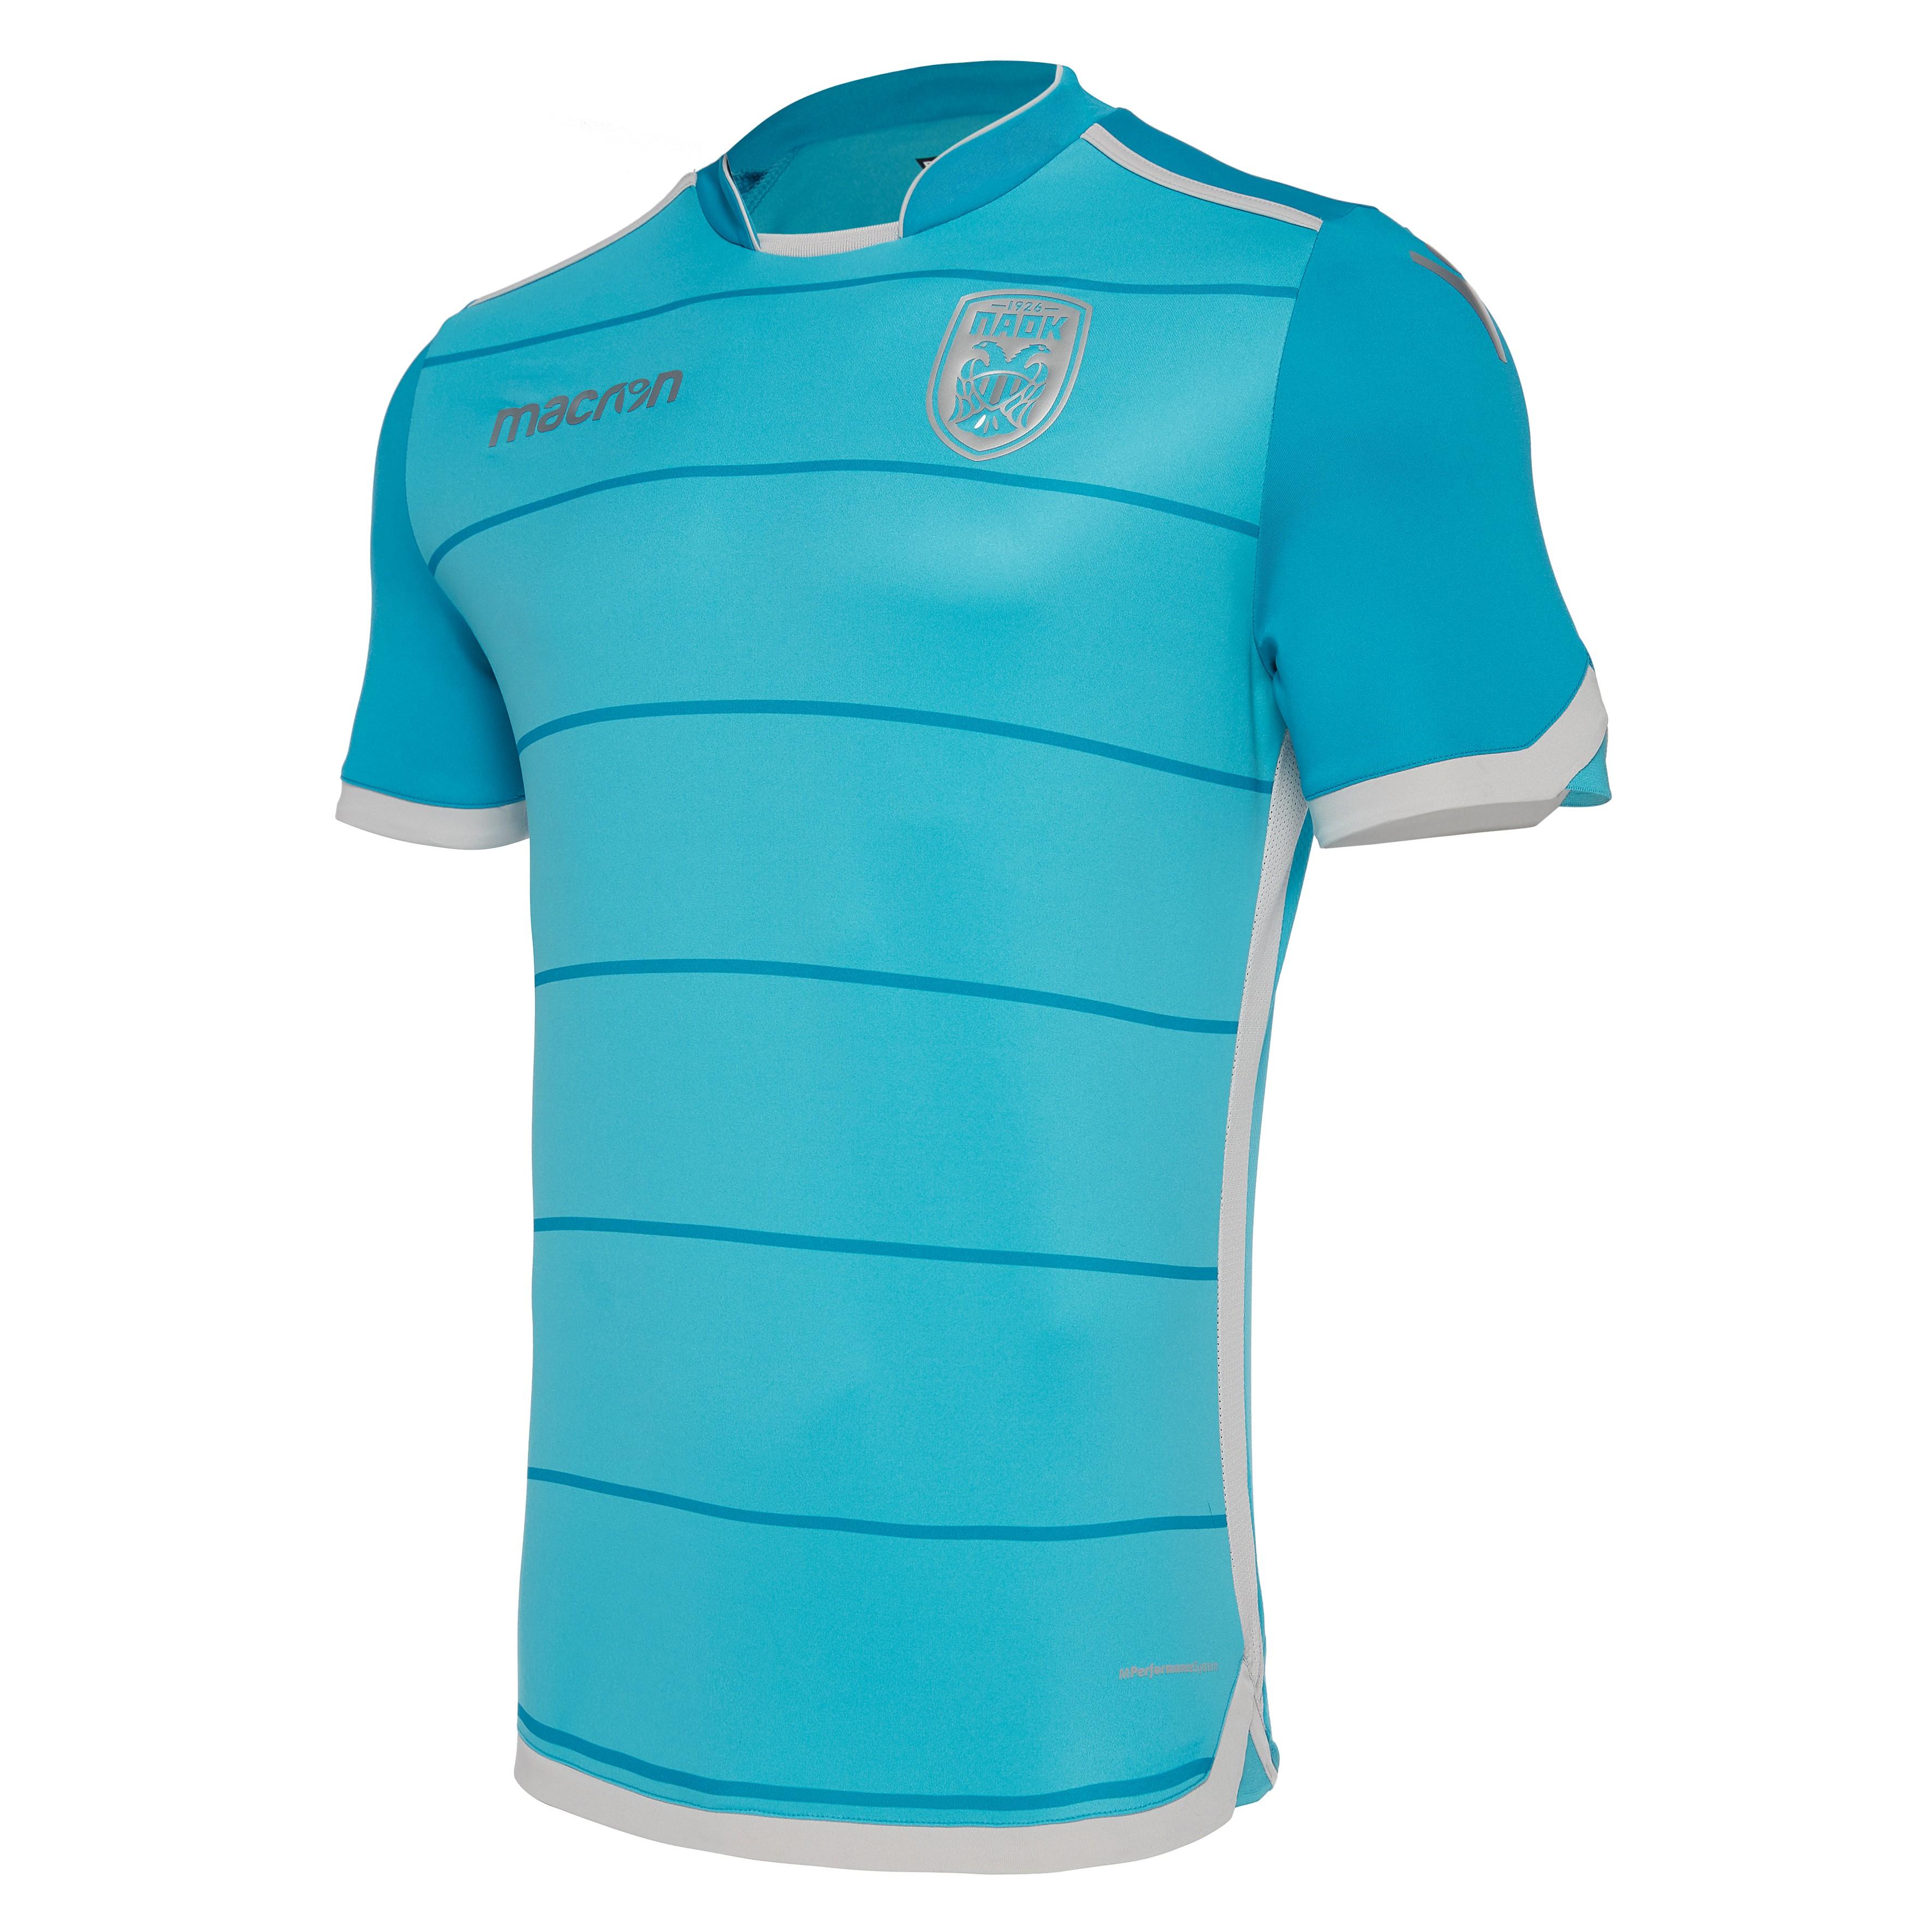 ... Paok 17 18 Macron Away Football Shirt · Click to enlarge image  paok 17 18 macron third football shirt a.jpg ... 8fd49517264